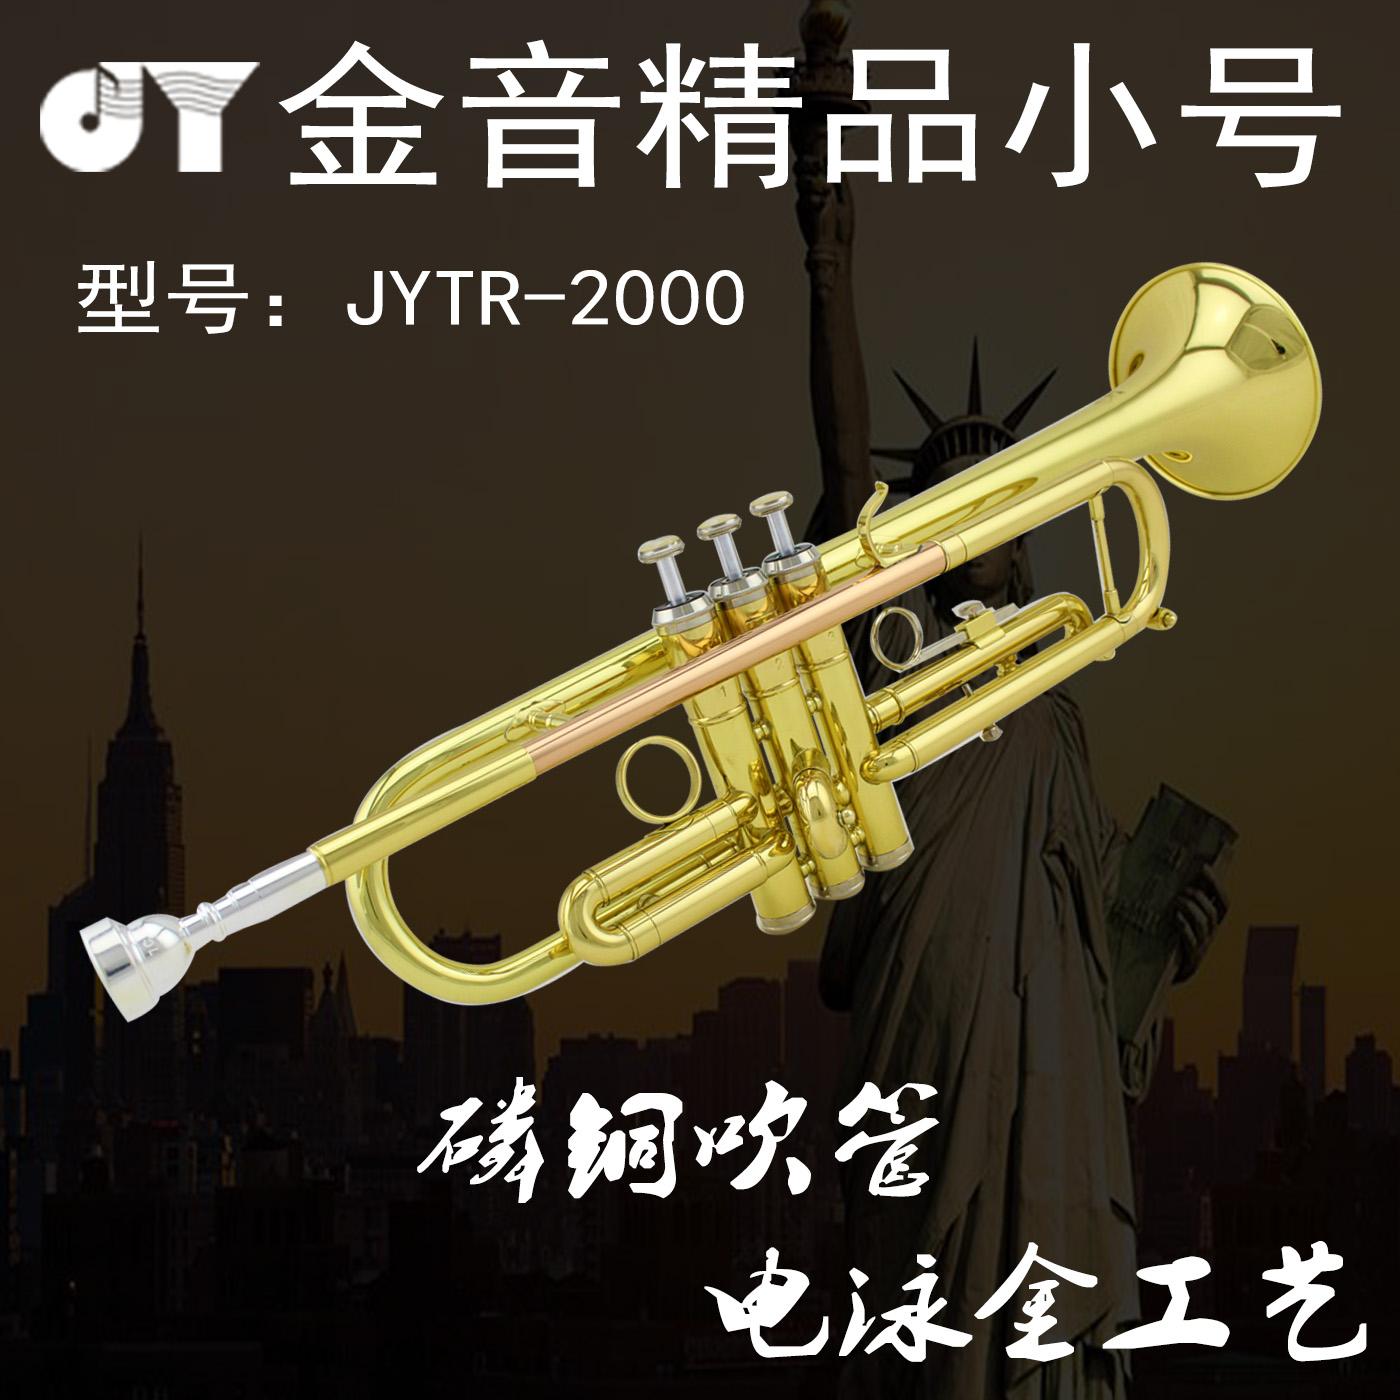 金音2000型小号乐器成人初学者降B调专业演奏考级乐器乐队小号